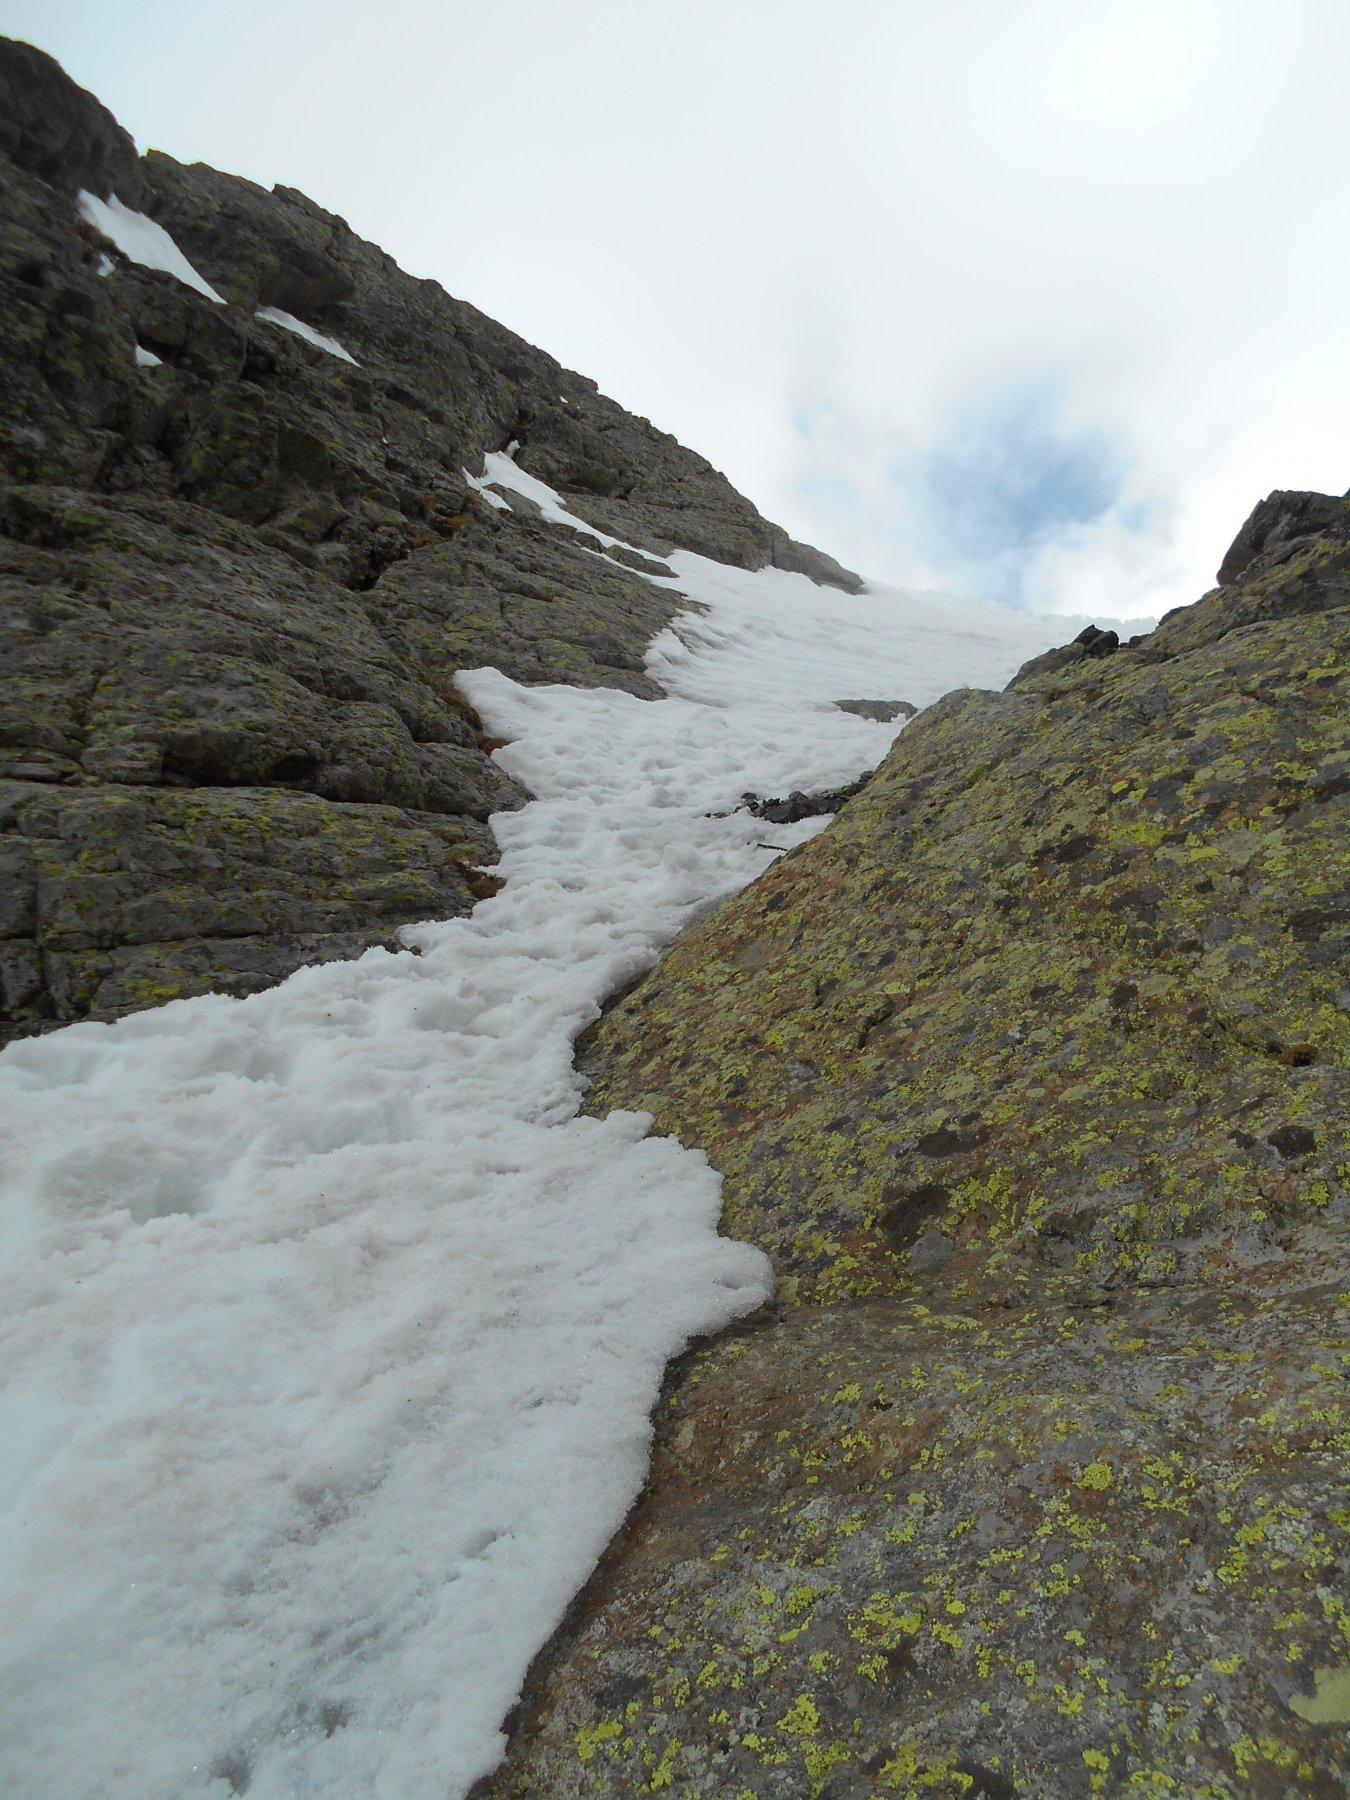 Corborant canale Sud ultimi metri roccia e ghiaccio